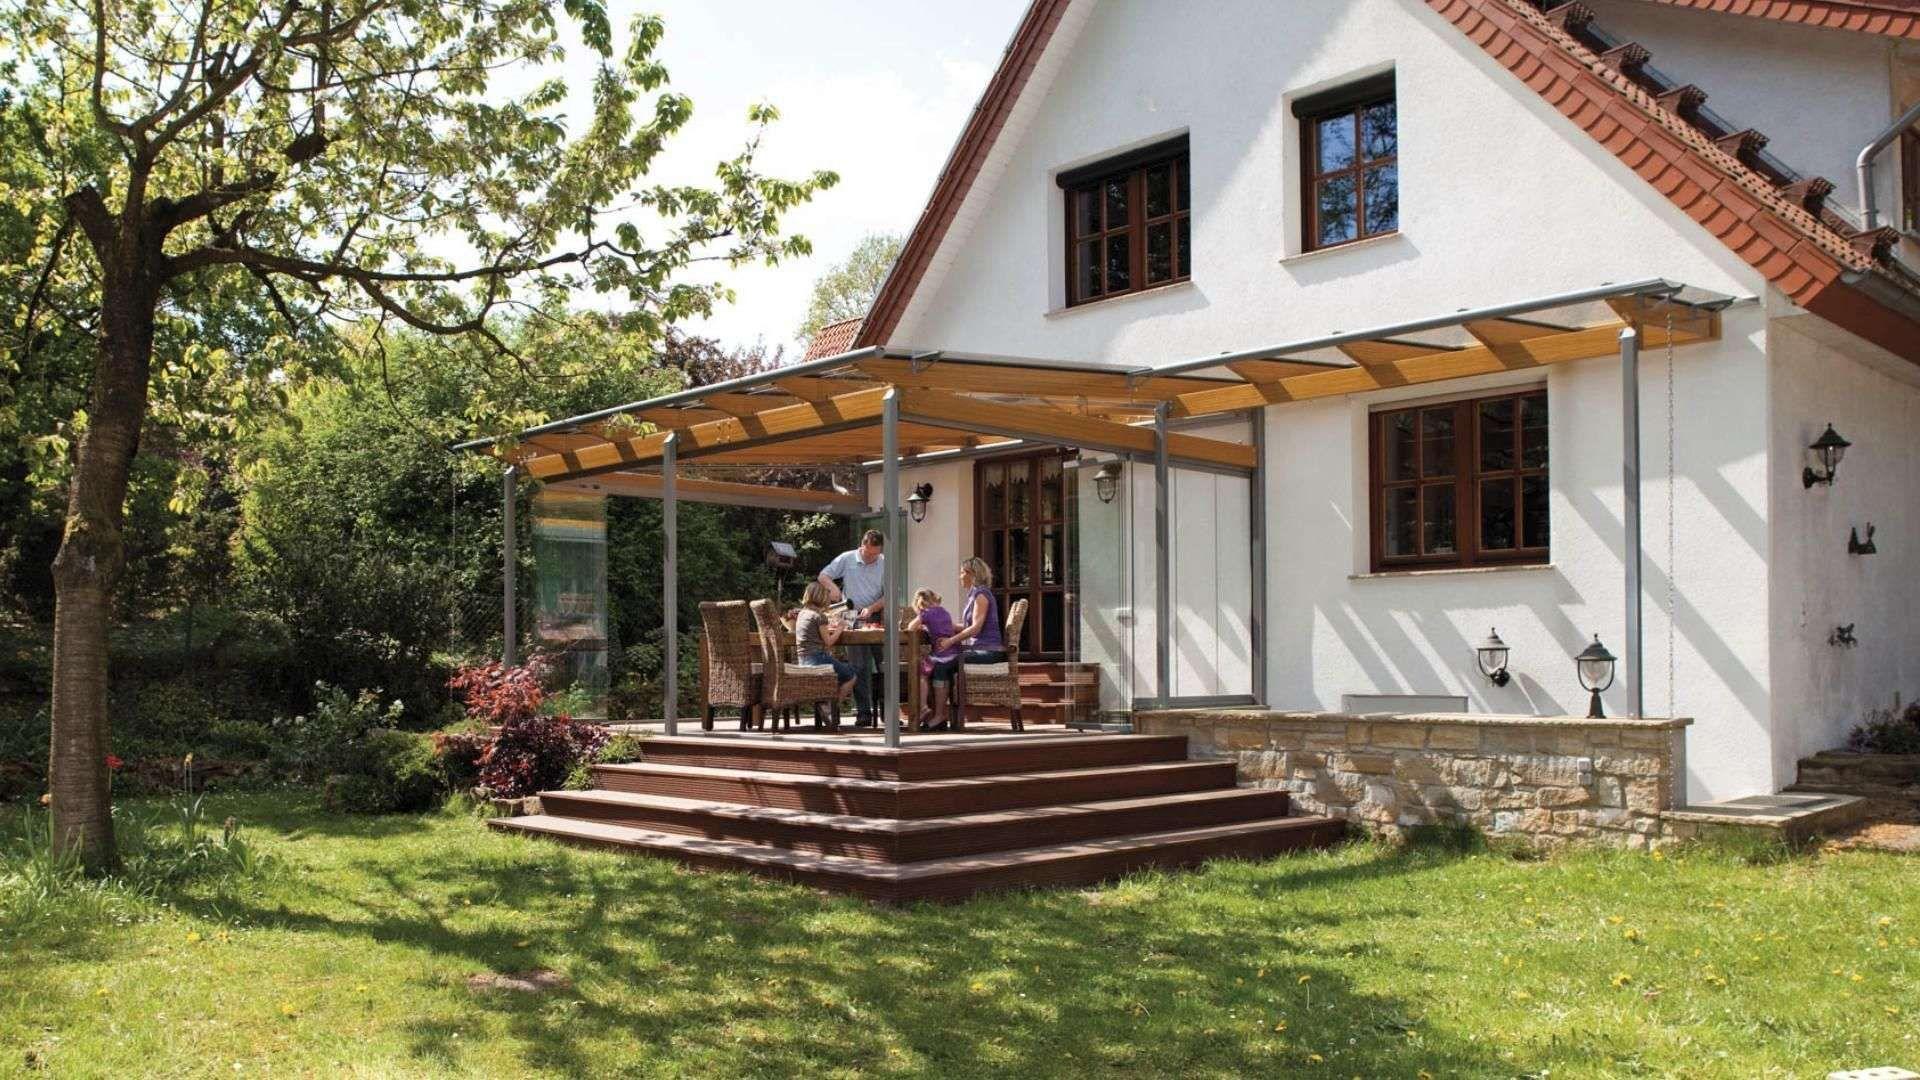 Wohnhaus mit Solarlux Terrassendach, über welches man über vier Stufen in den Garten gelangt